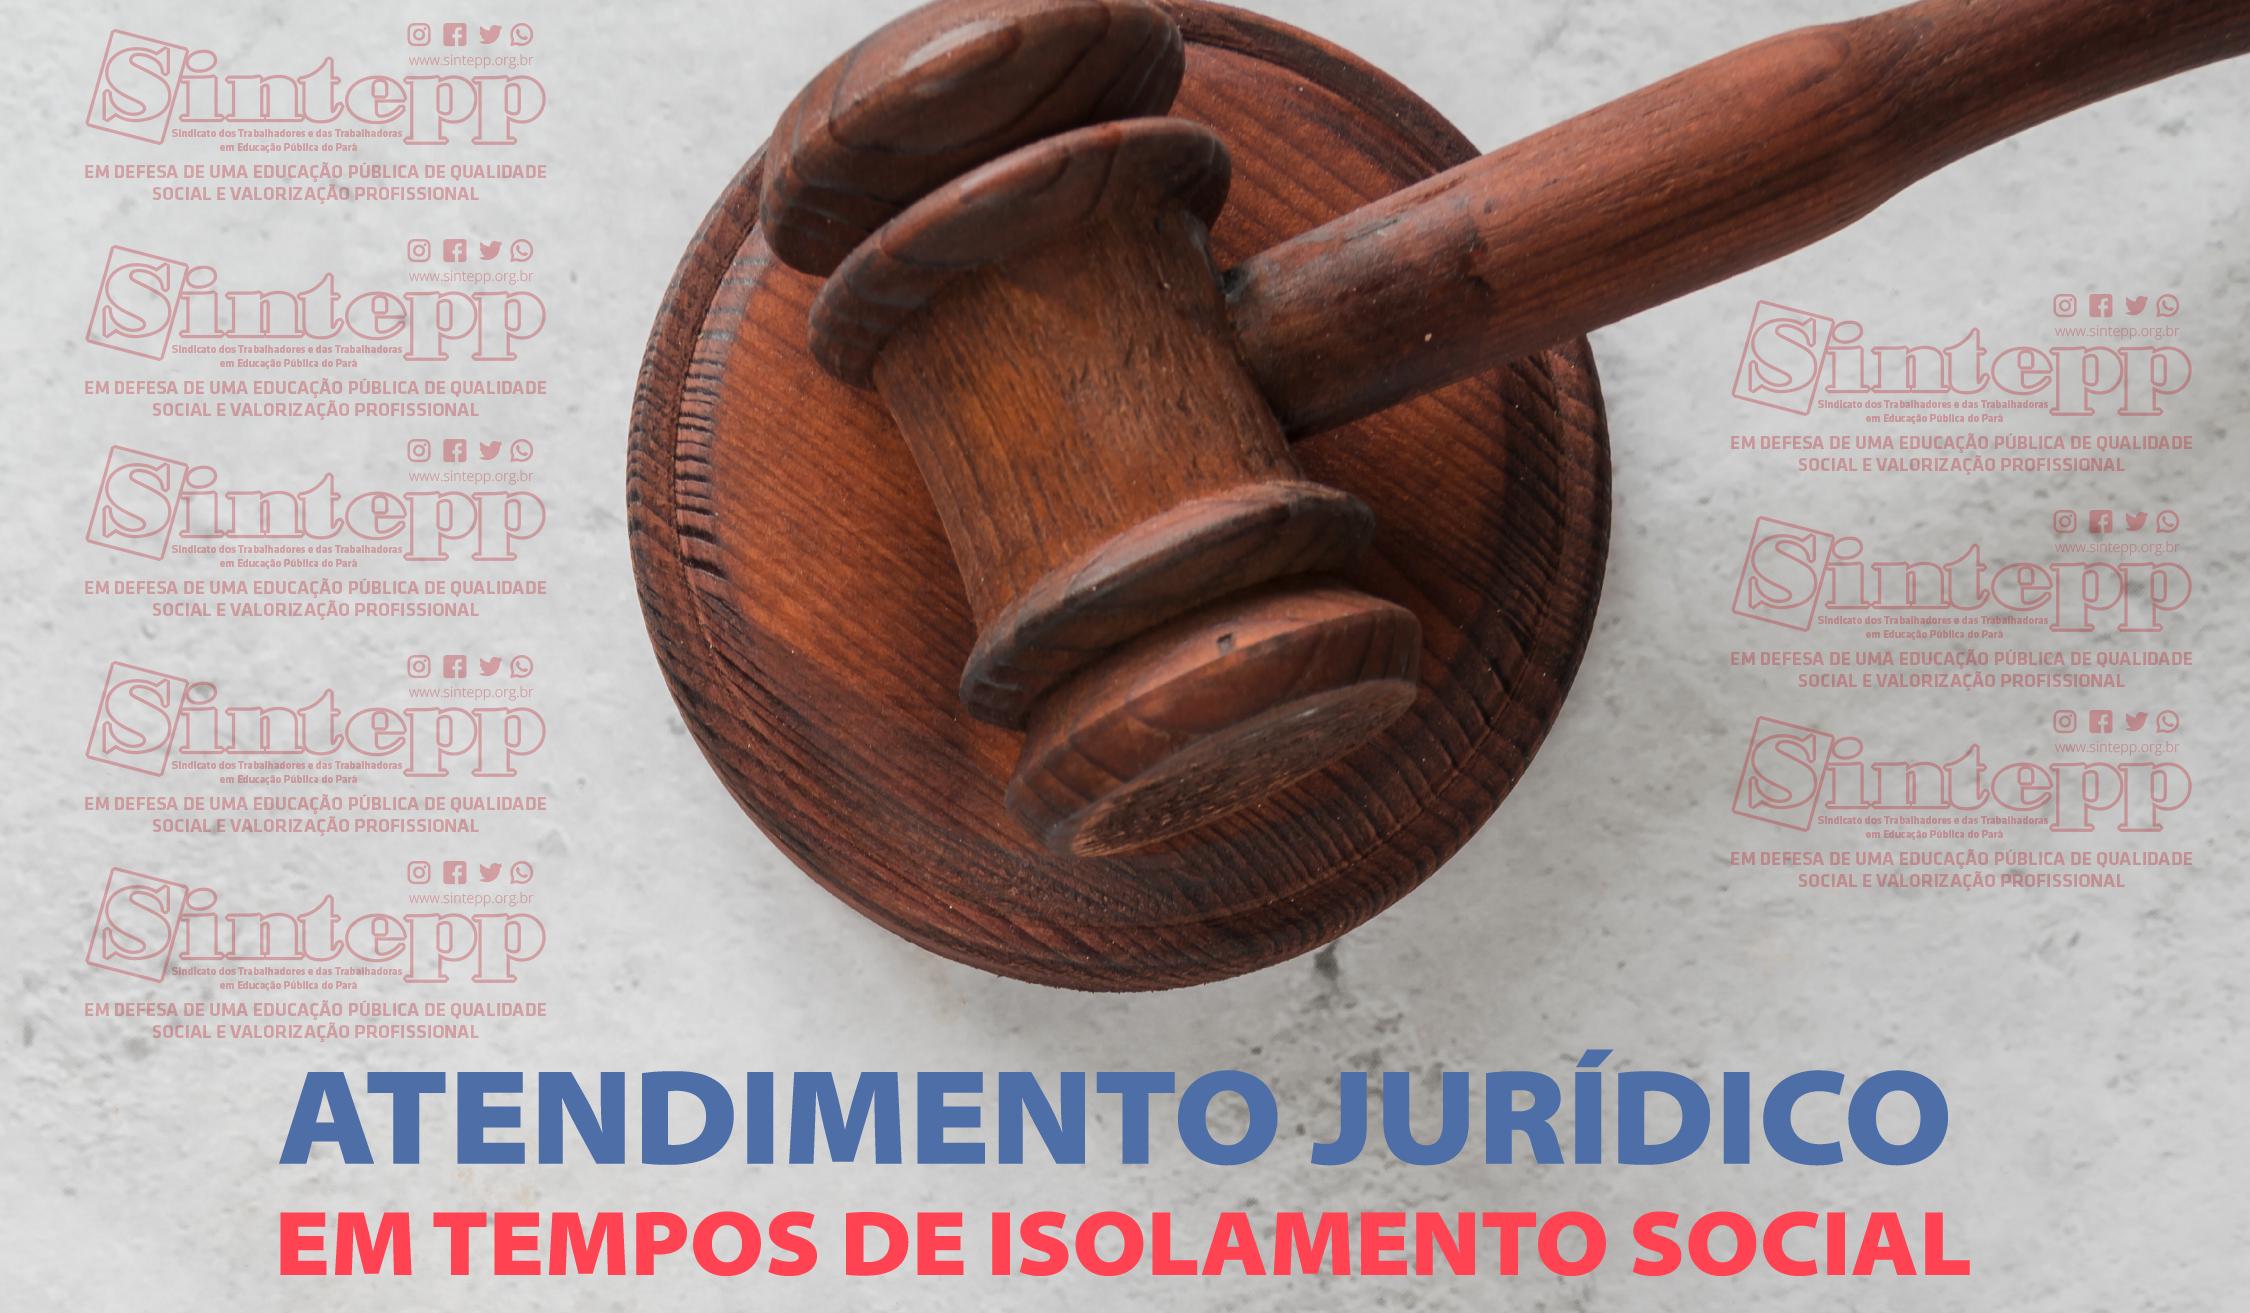 Atendimento Jurídico do Sintepp em tempos de pandemia